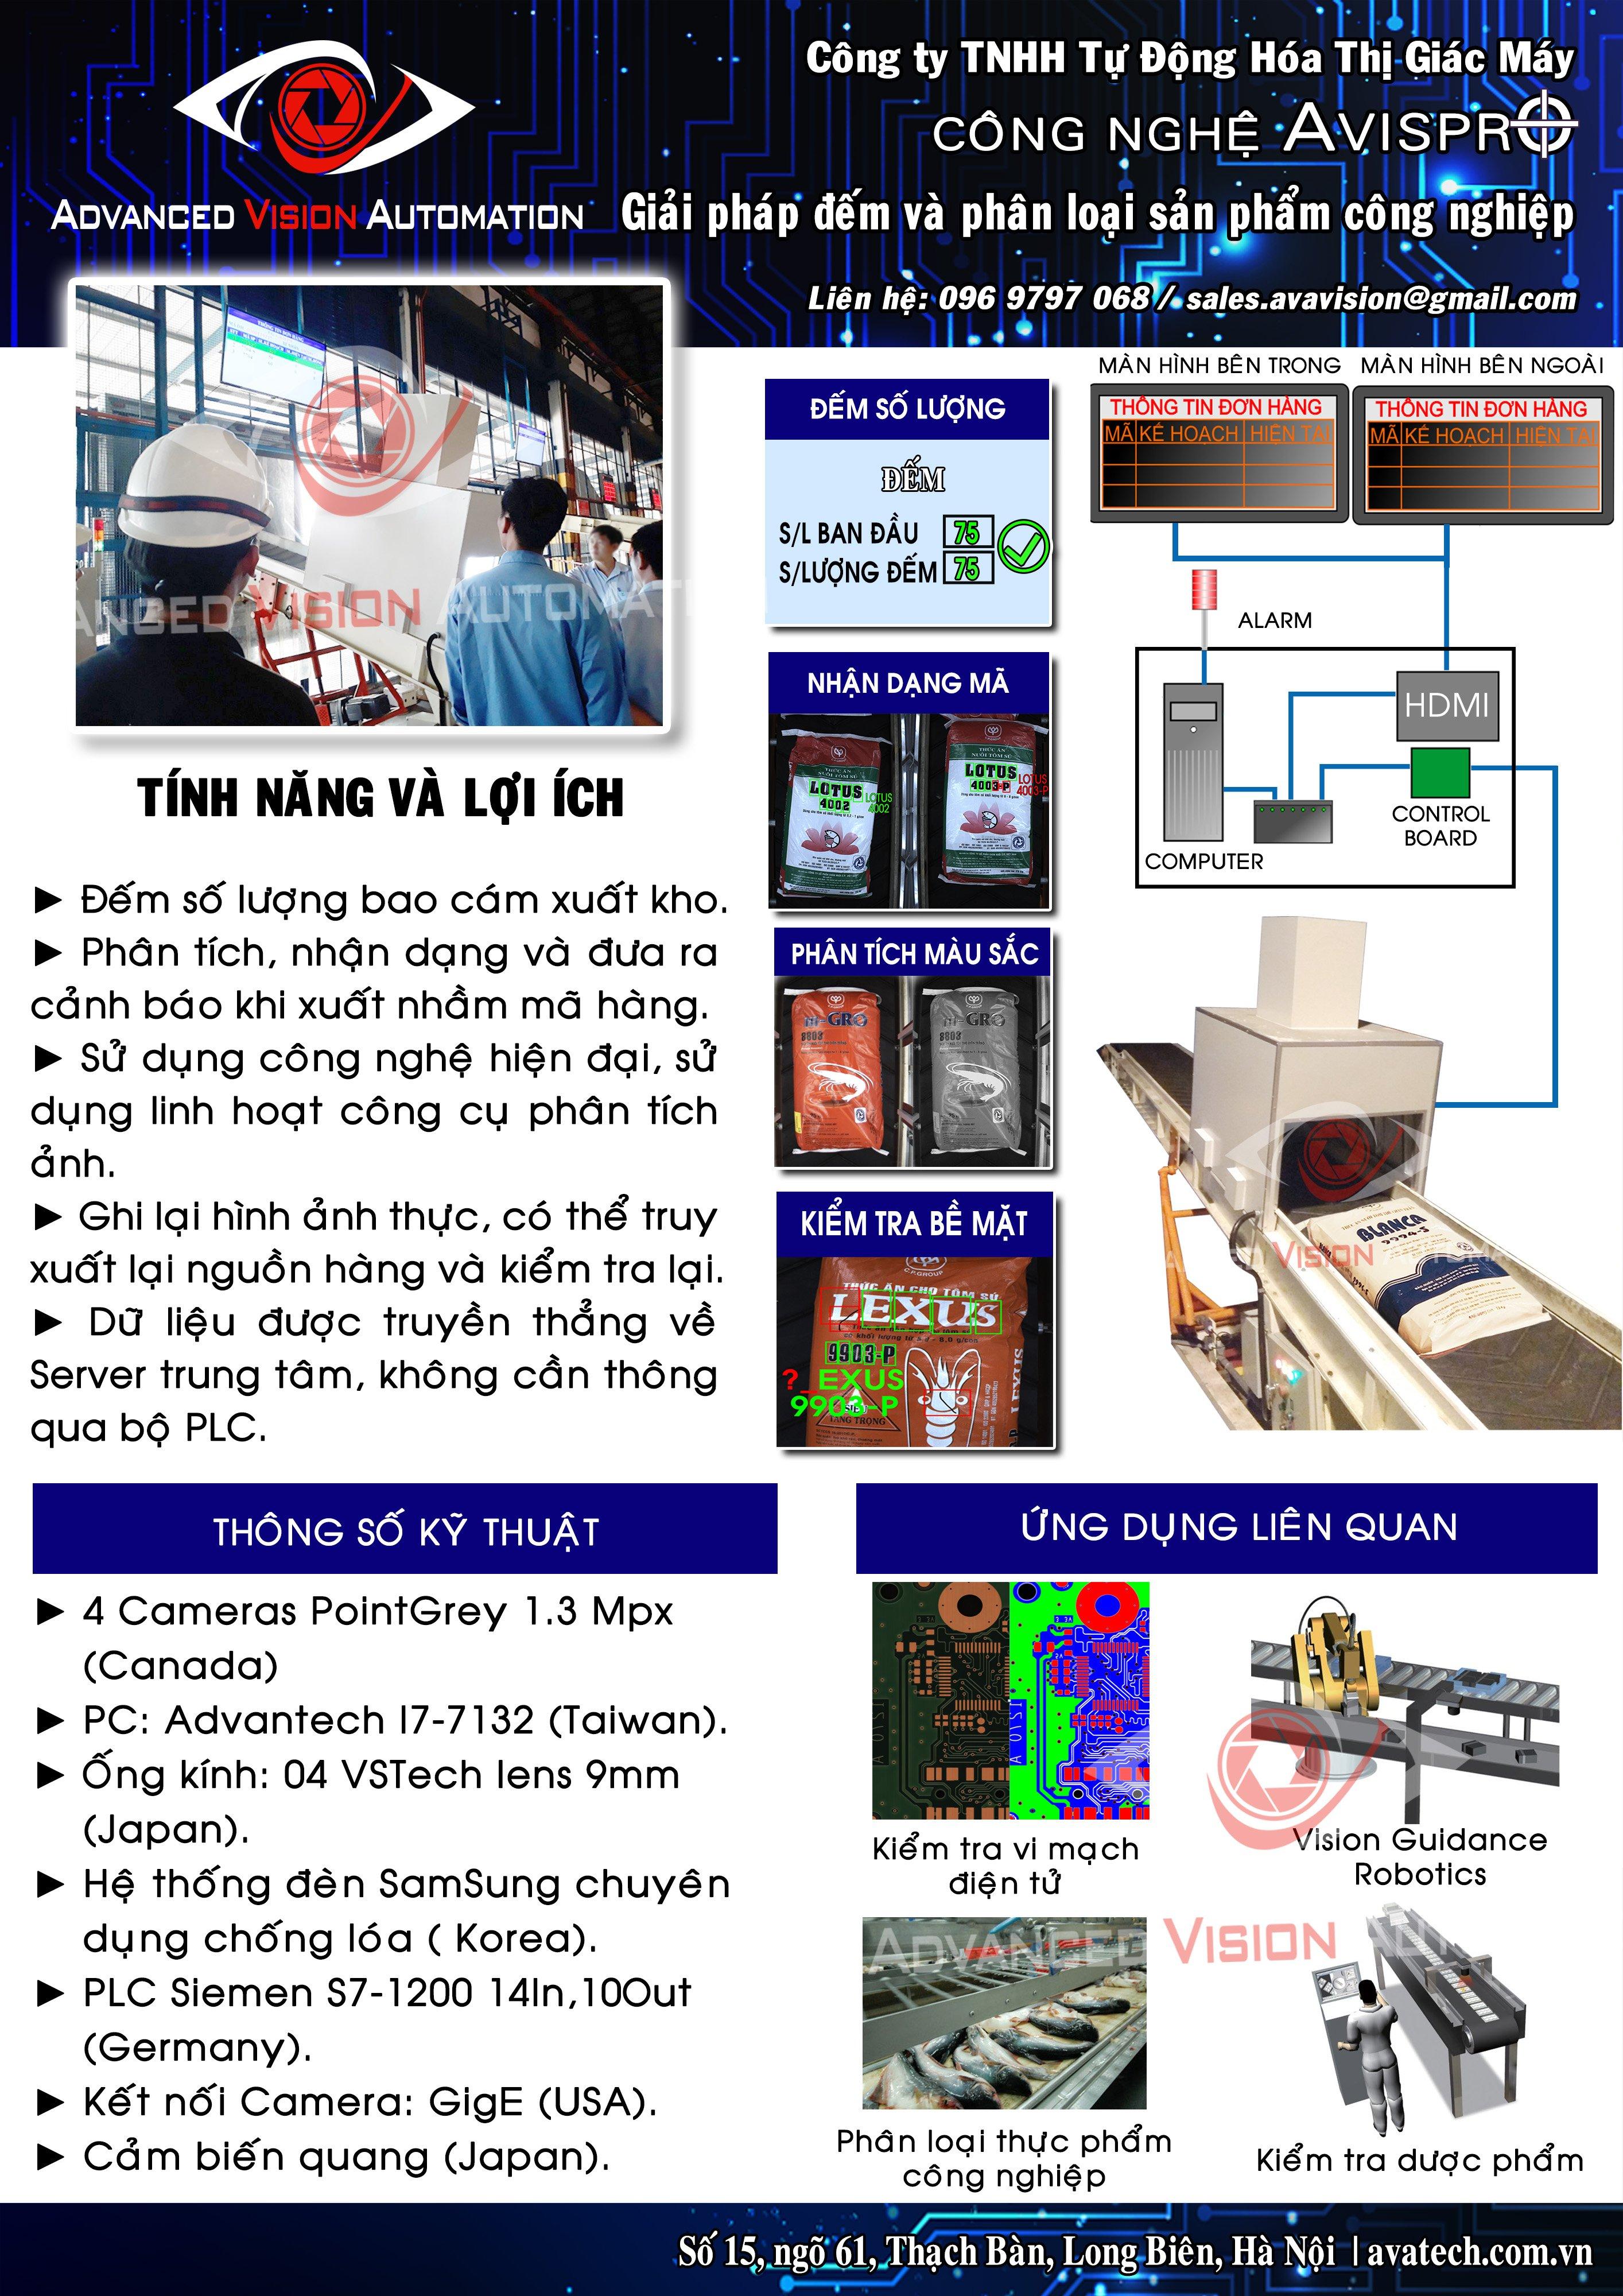 Hệ thống đếm và nhận dạng sản phẩm trên băng chuyền VD3000